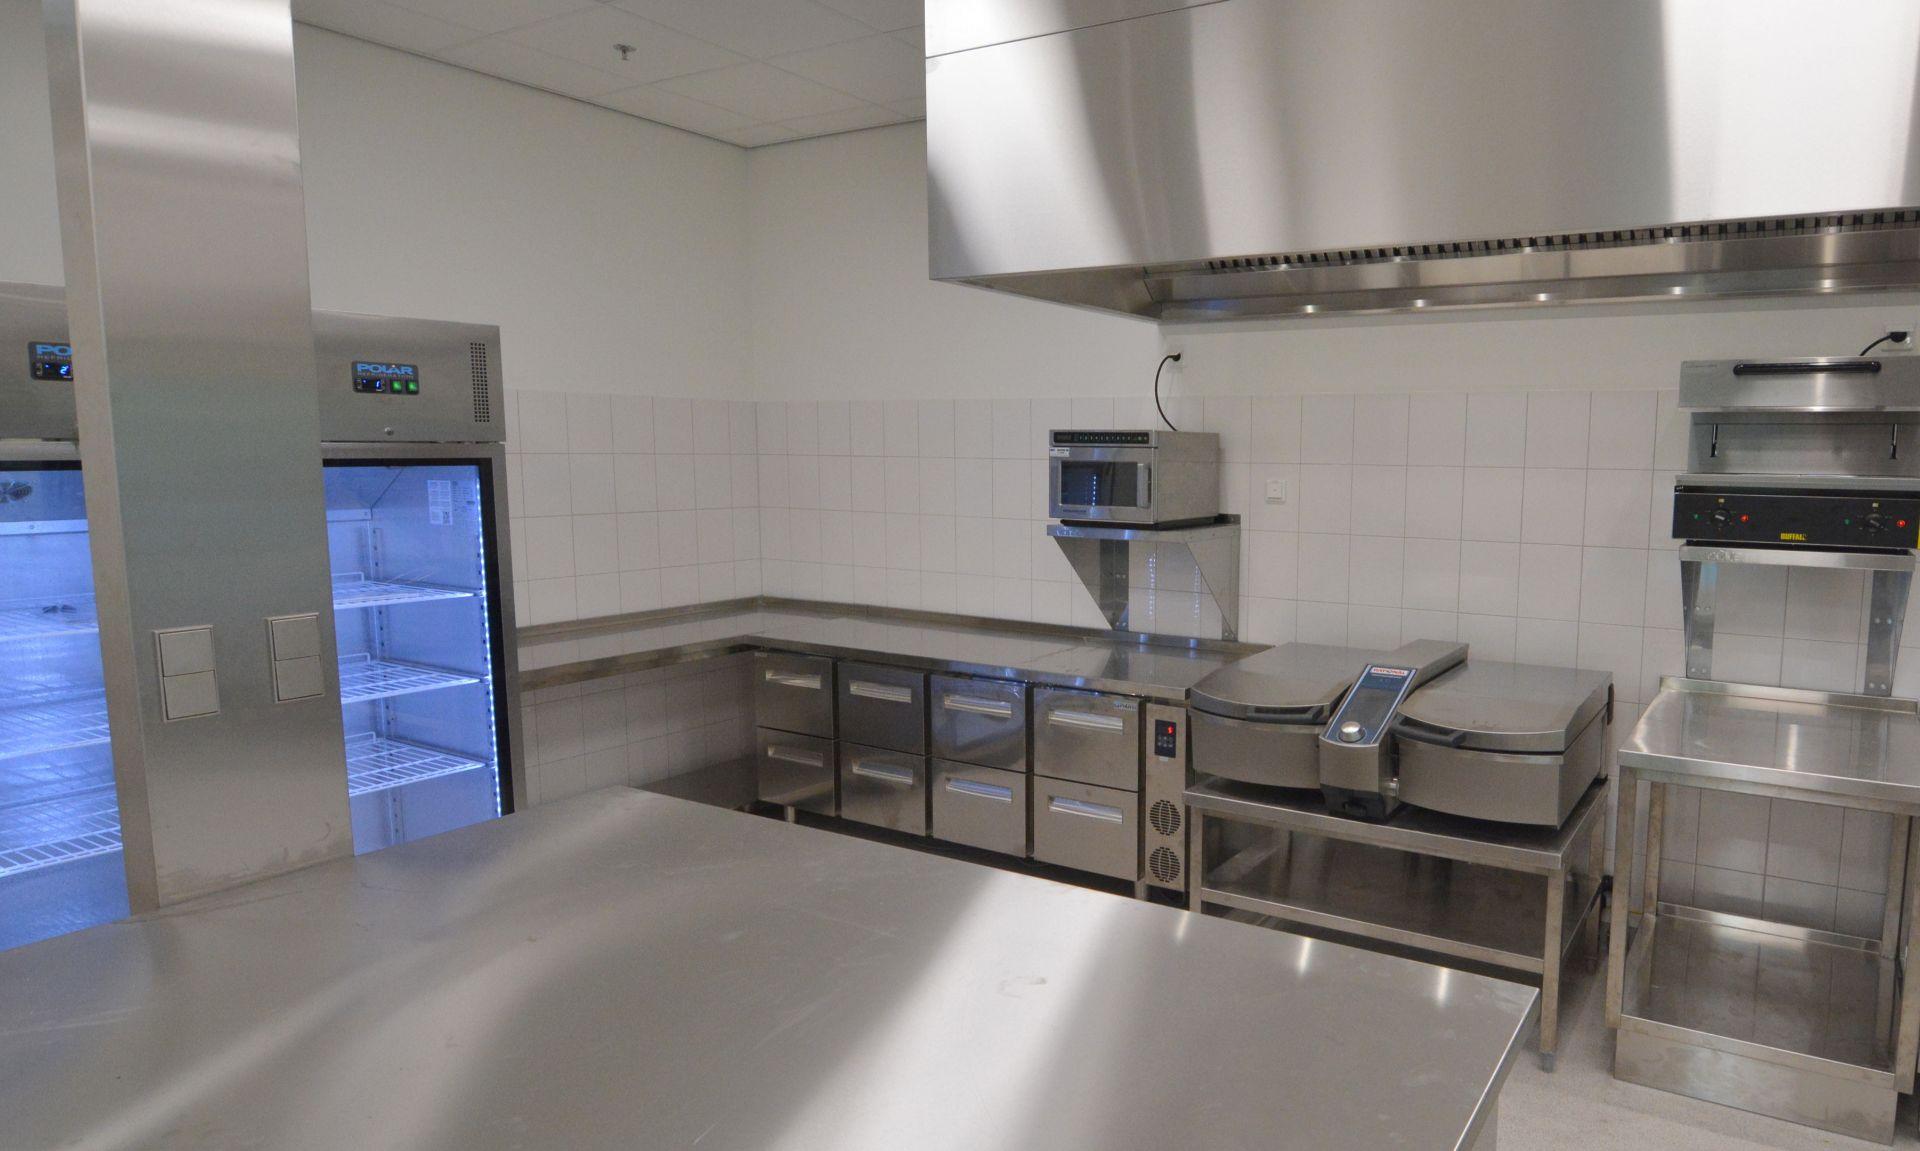 Kooklokaal school door Kampri